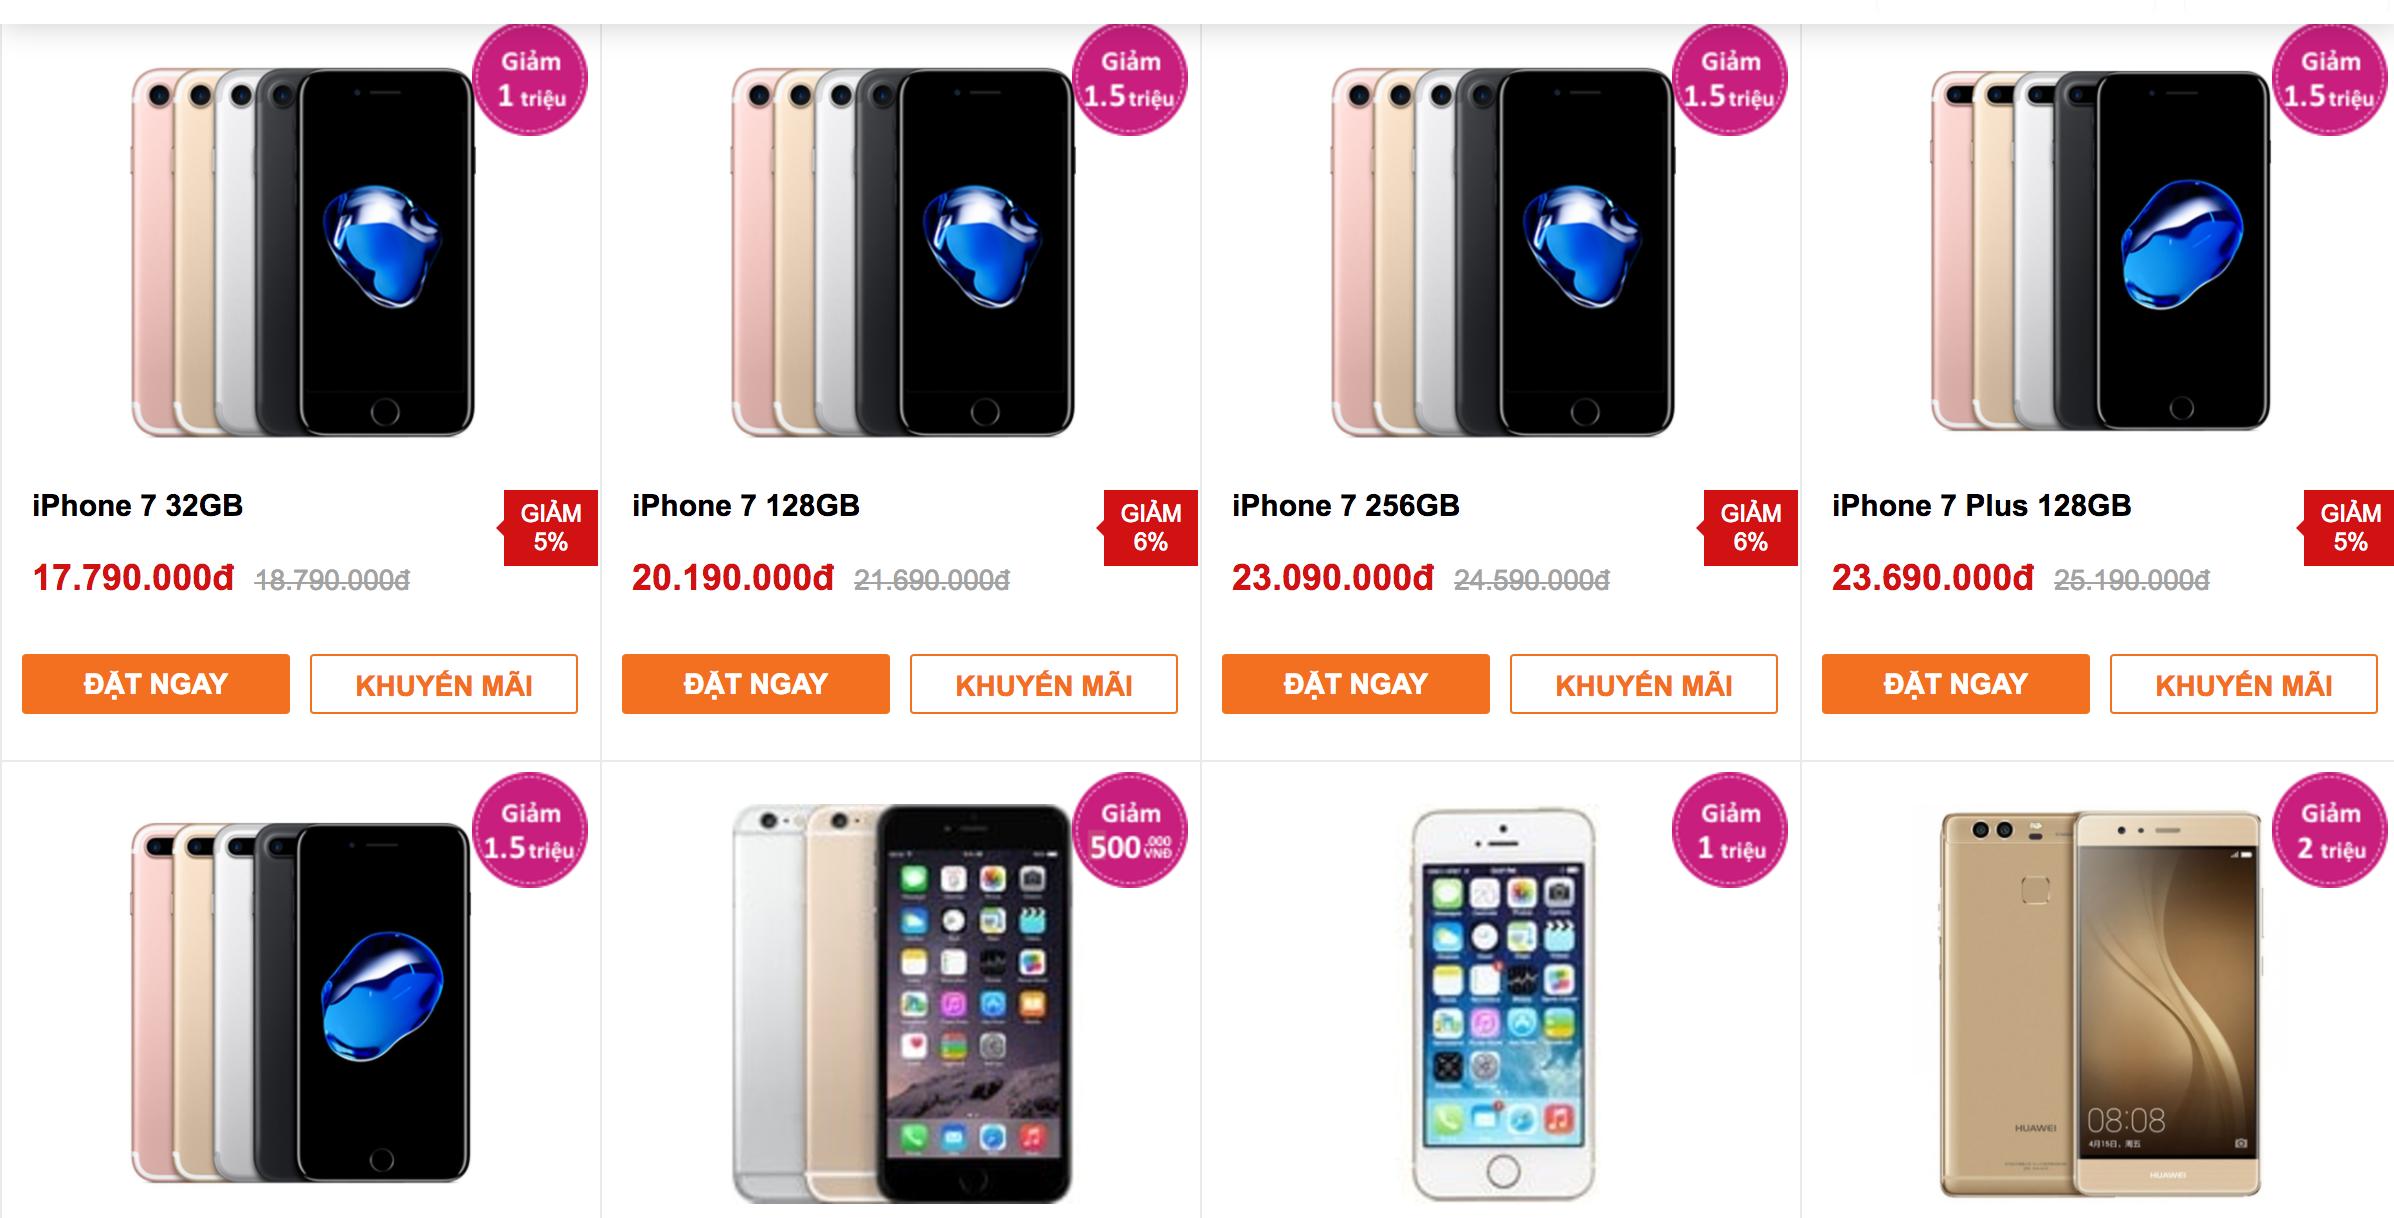 iPhone giảm giá tiền triệu kích cầu trước khi rơi vào mùa thấp điểm - 1